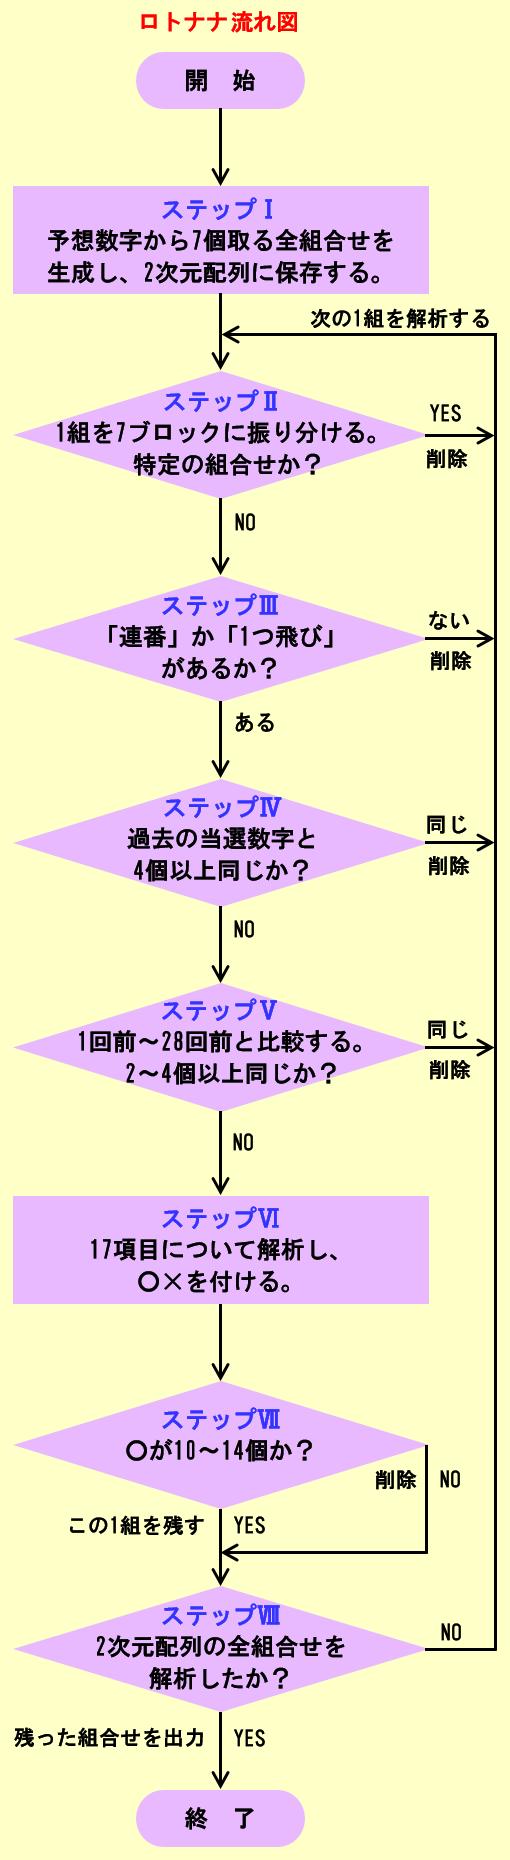 ロトナナのフローチャート図